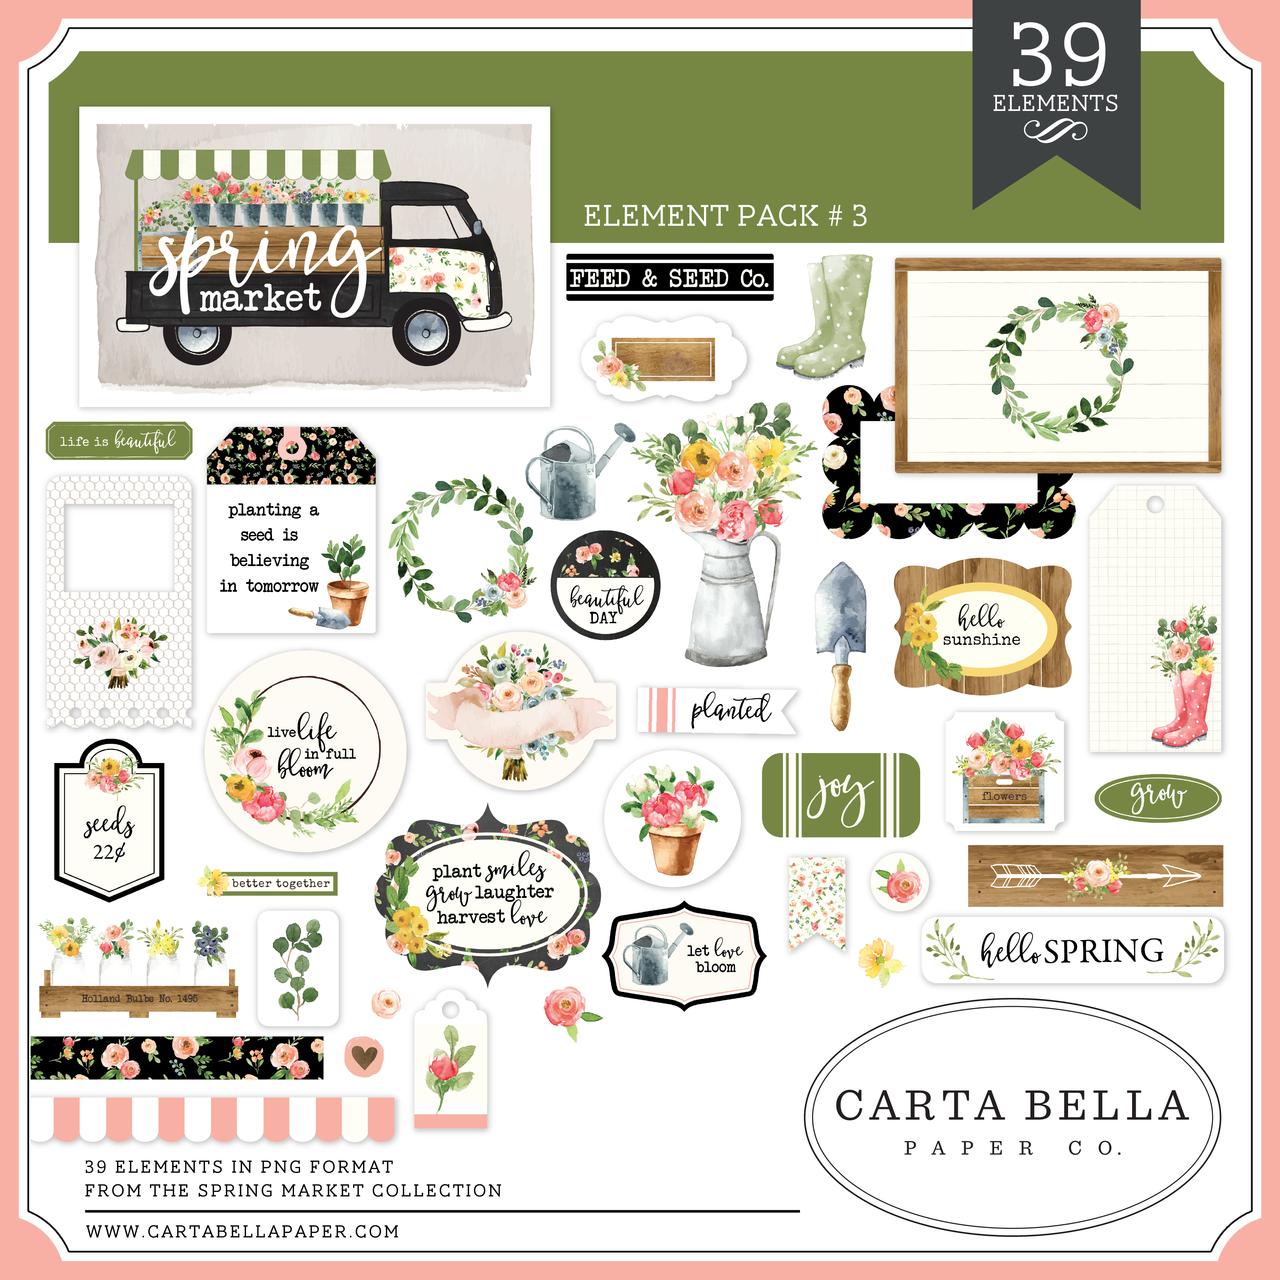 Spring Market Element Pack #3